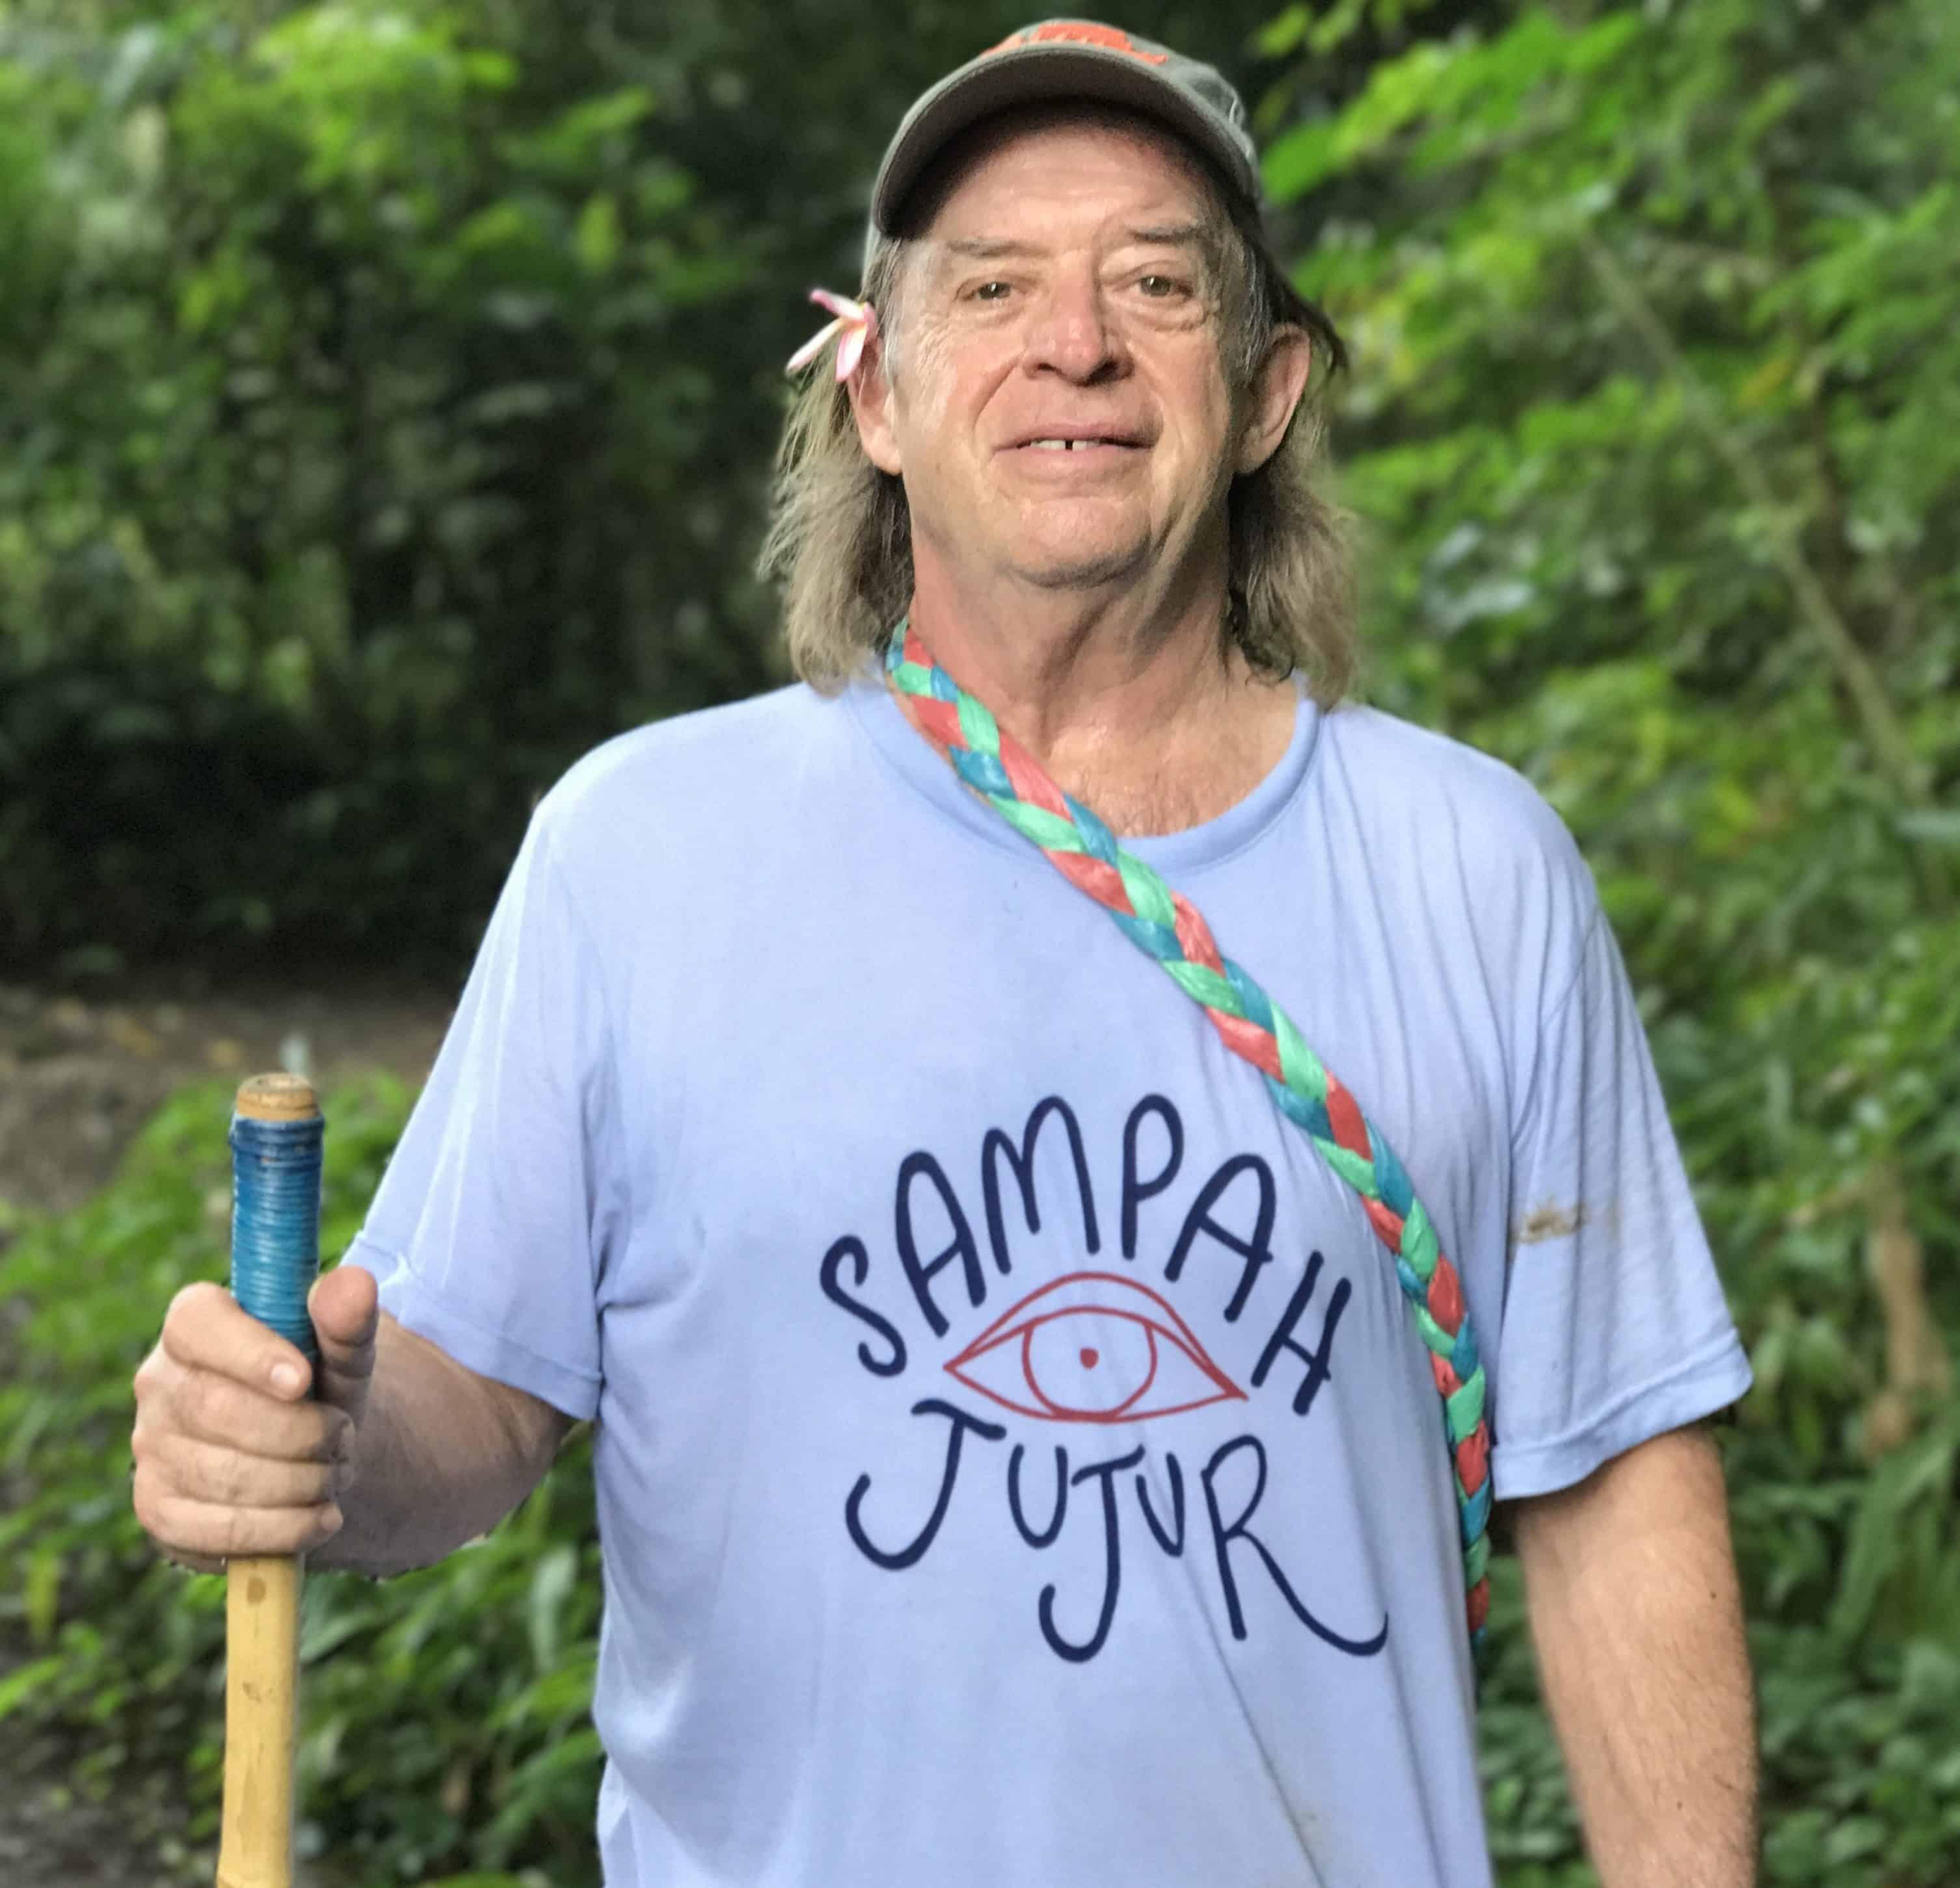 John Hardy and Sampah Jujur tshirt